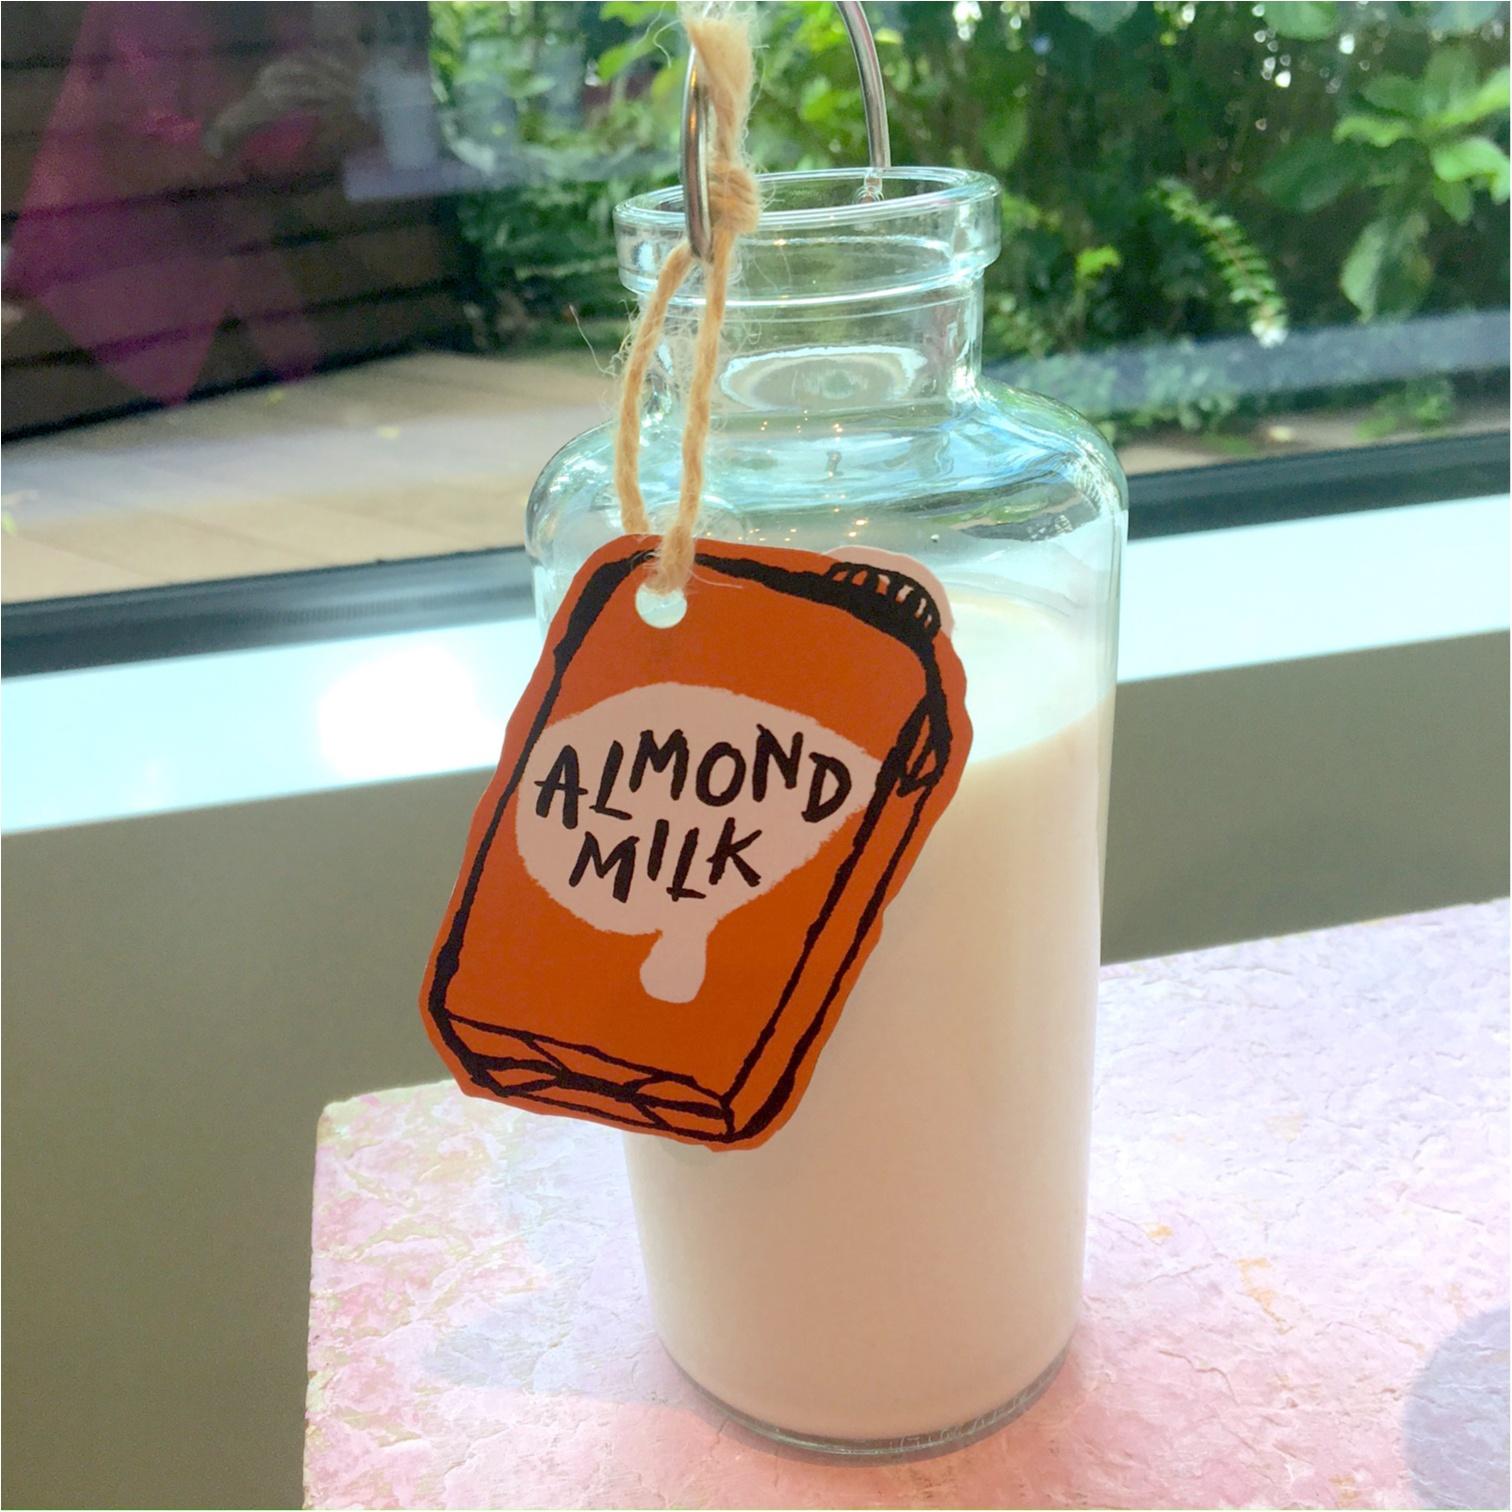 【10/2(月)発売】『スターバックス』にあのミルクが仲間入り! 新作フラペチーノのポイントは「食べごたえ」!?_1